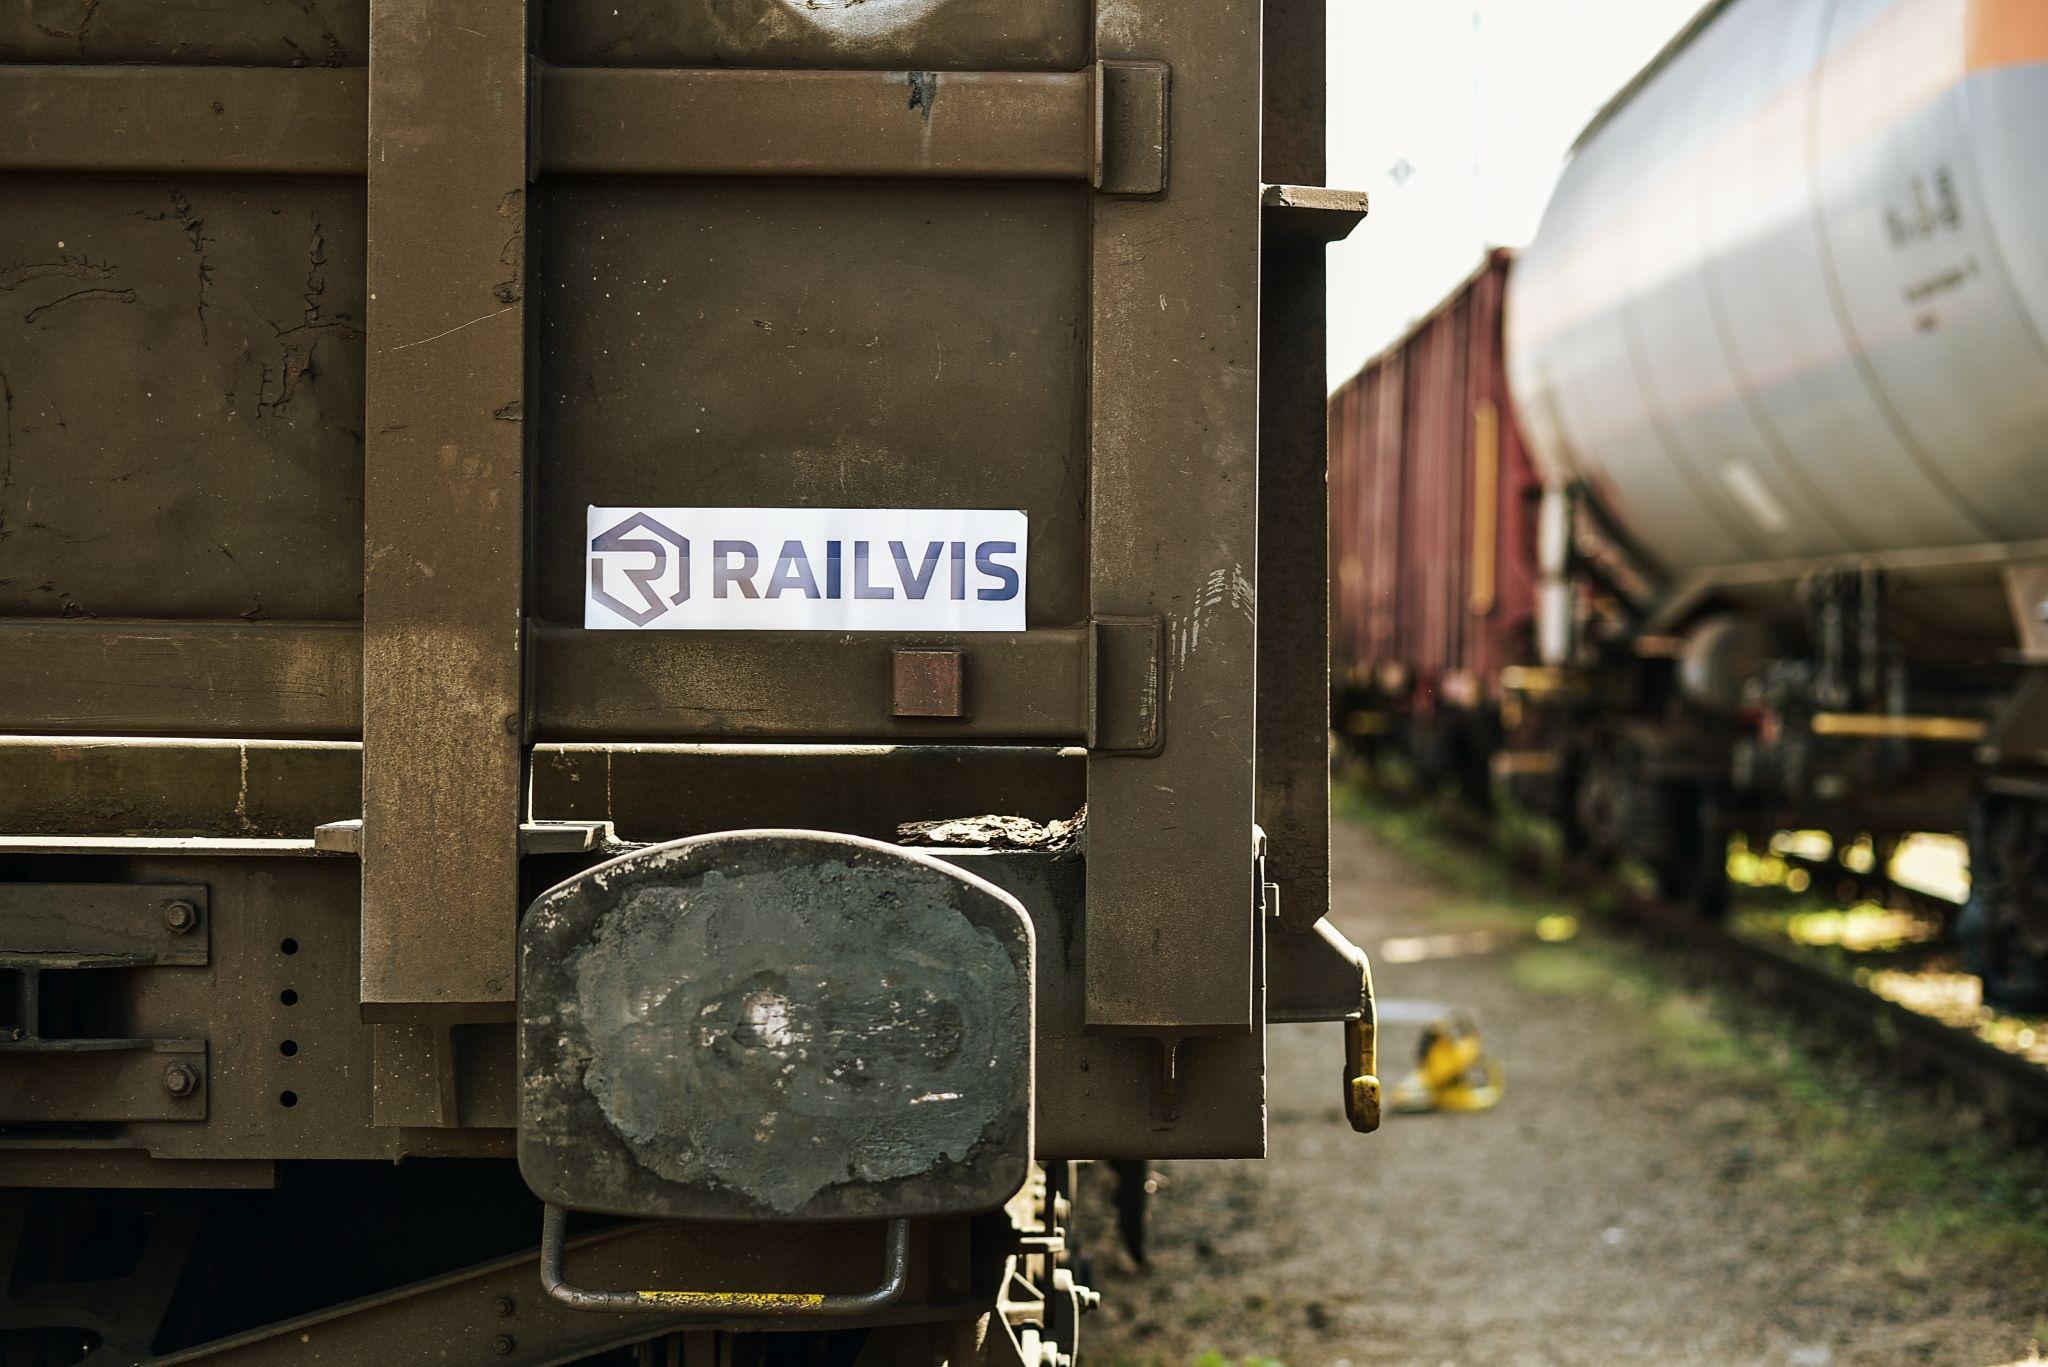 Railvis promo